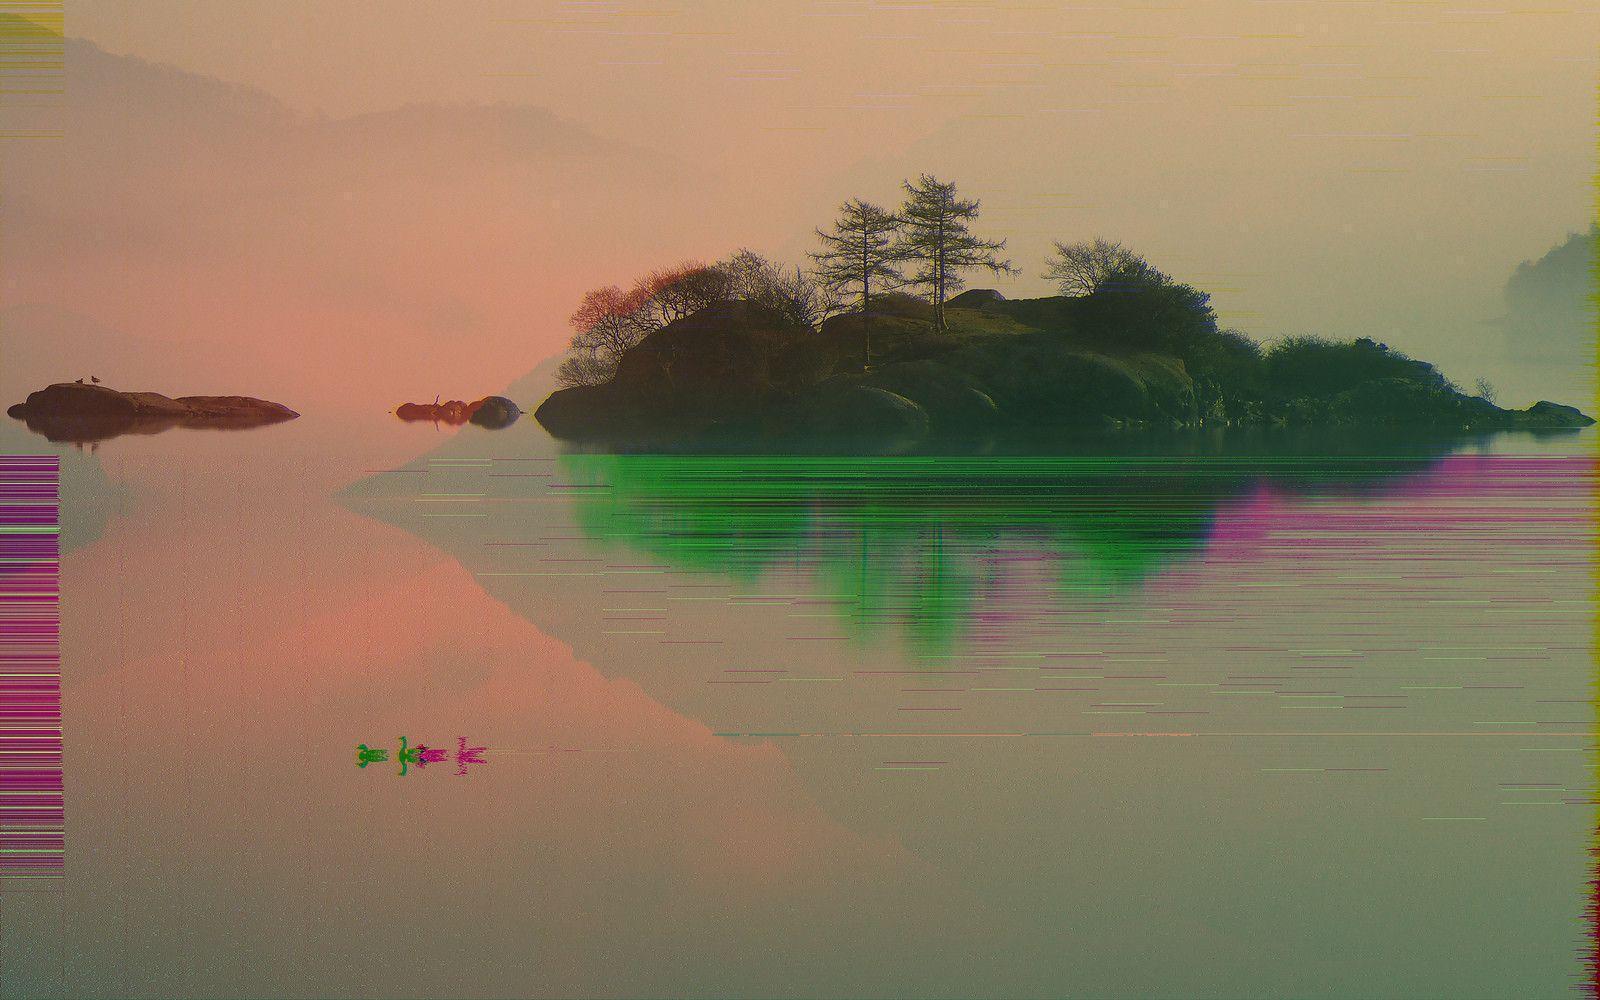 vaporwave images